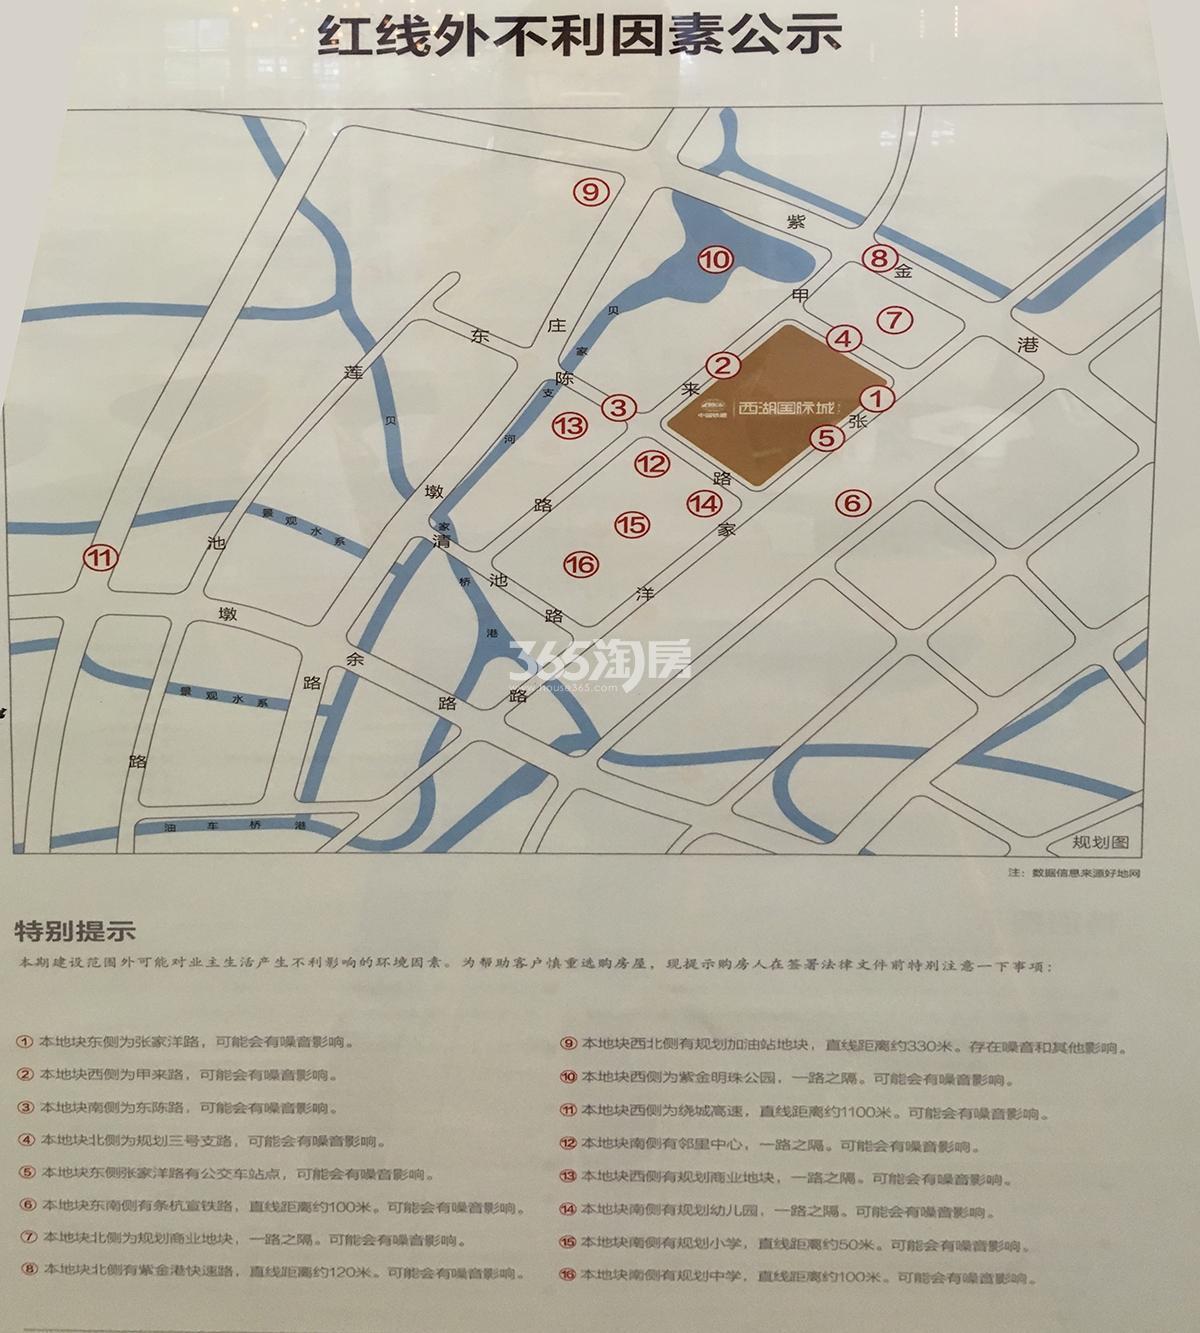 中国铁建西湖国际城不利因素公示